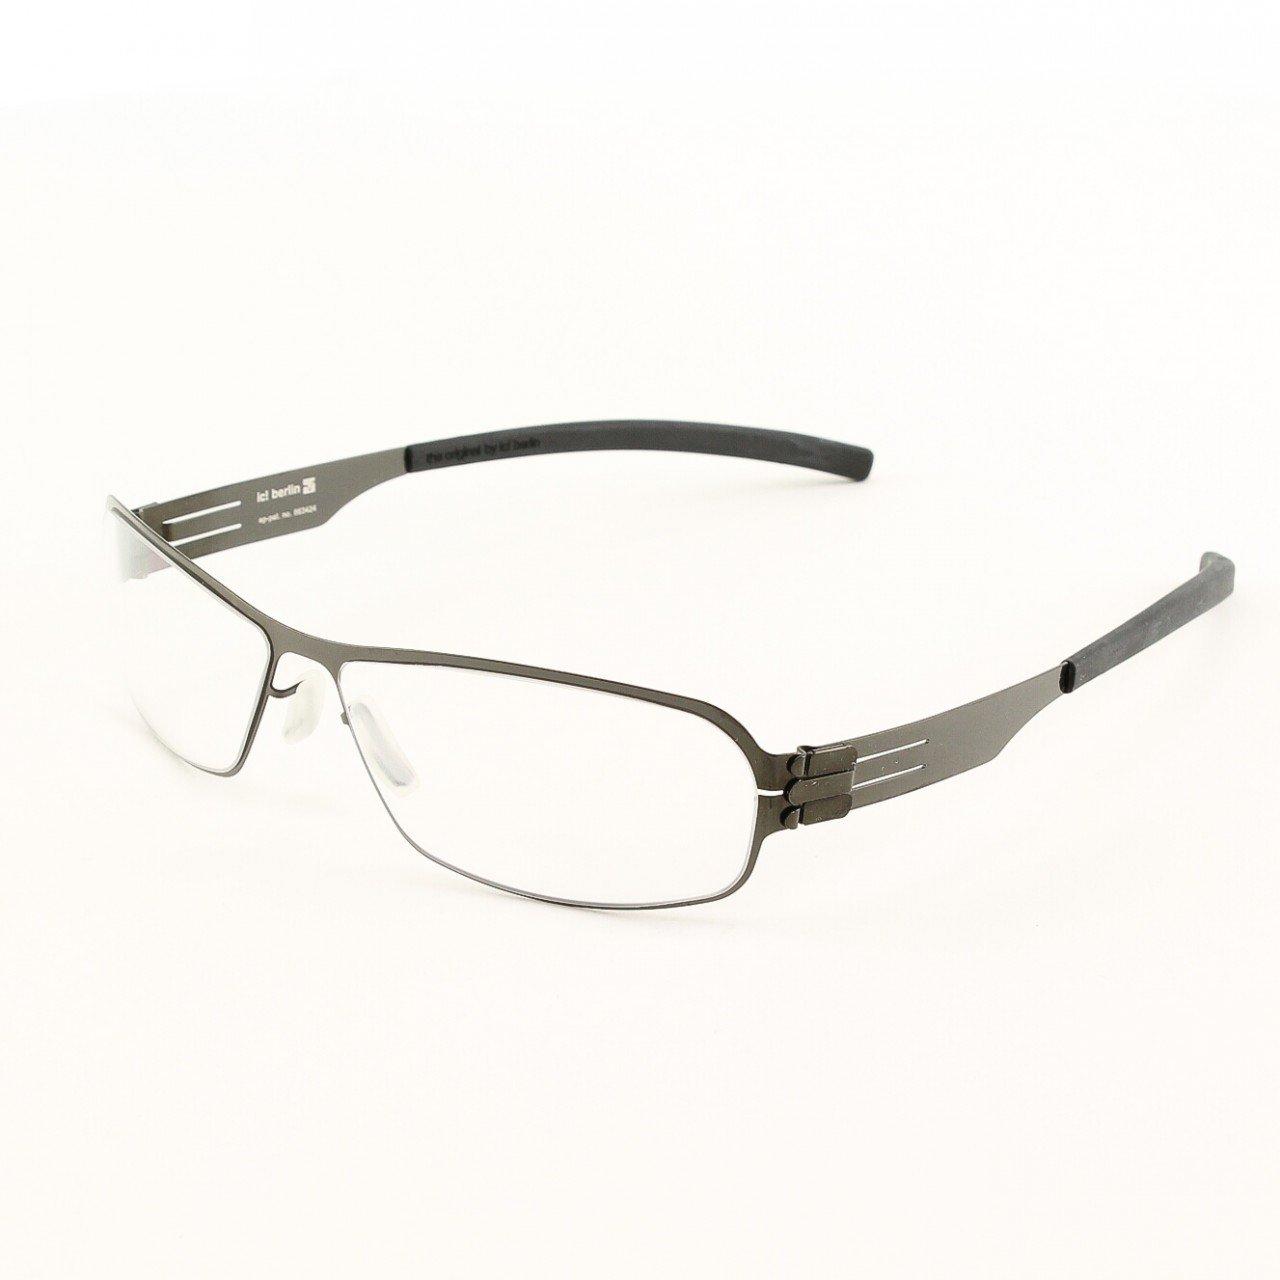 ic! Berlin Ye G. Eyeglasses Col. Gun Metal with Clear Lenses